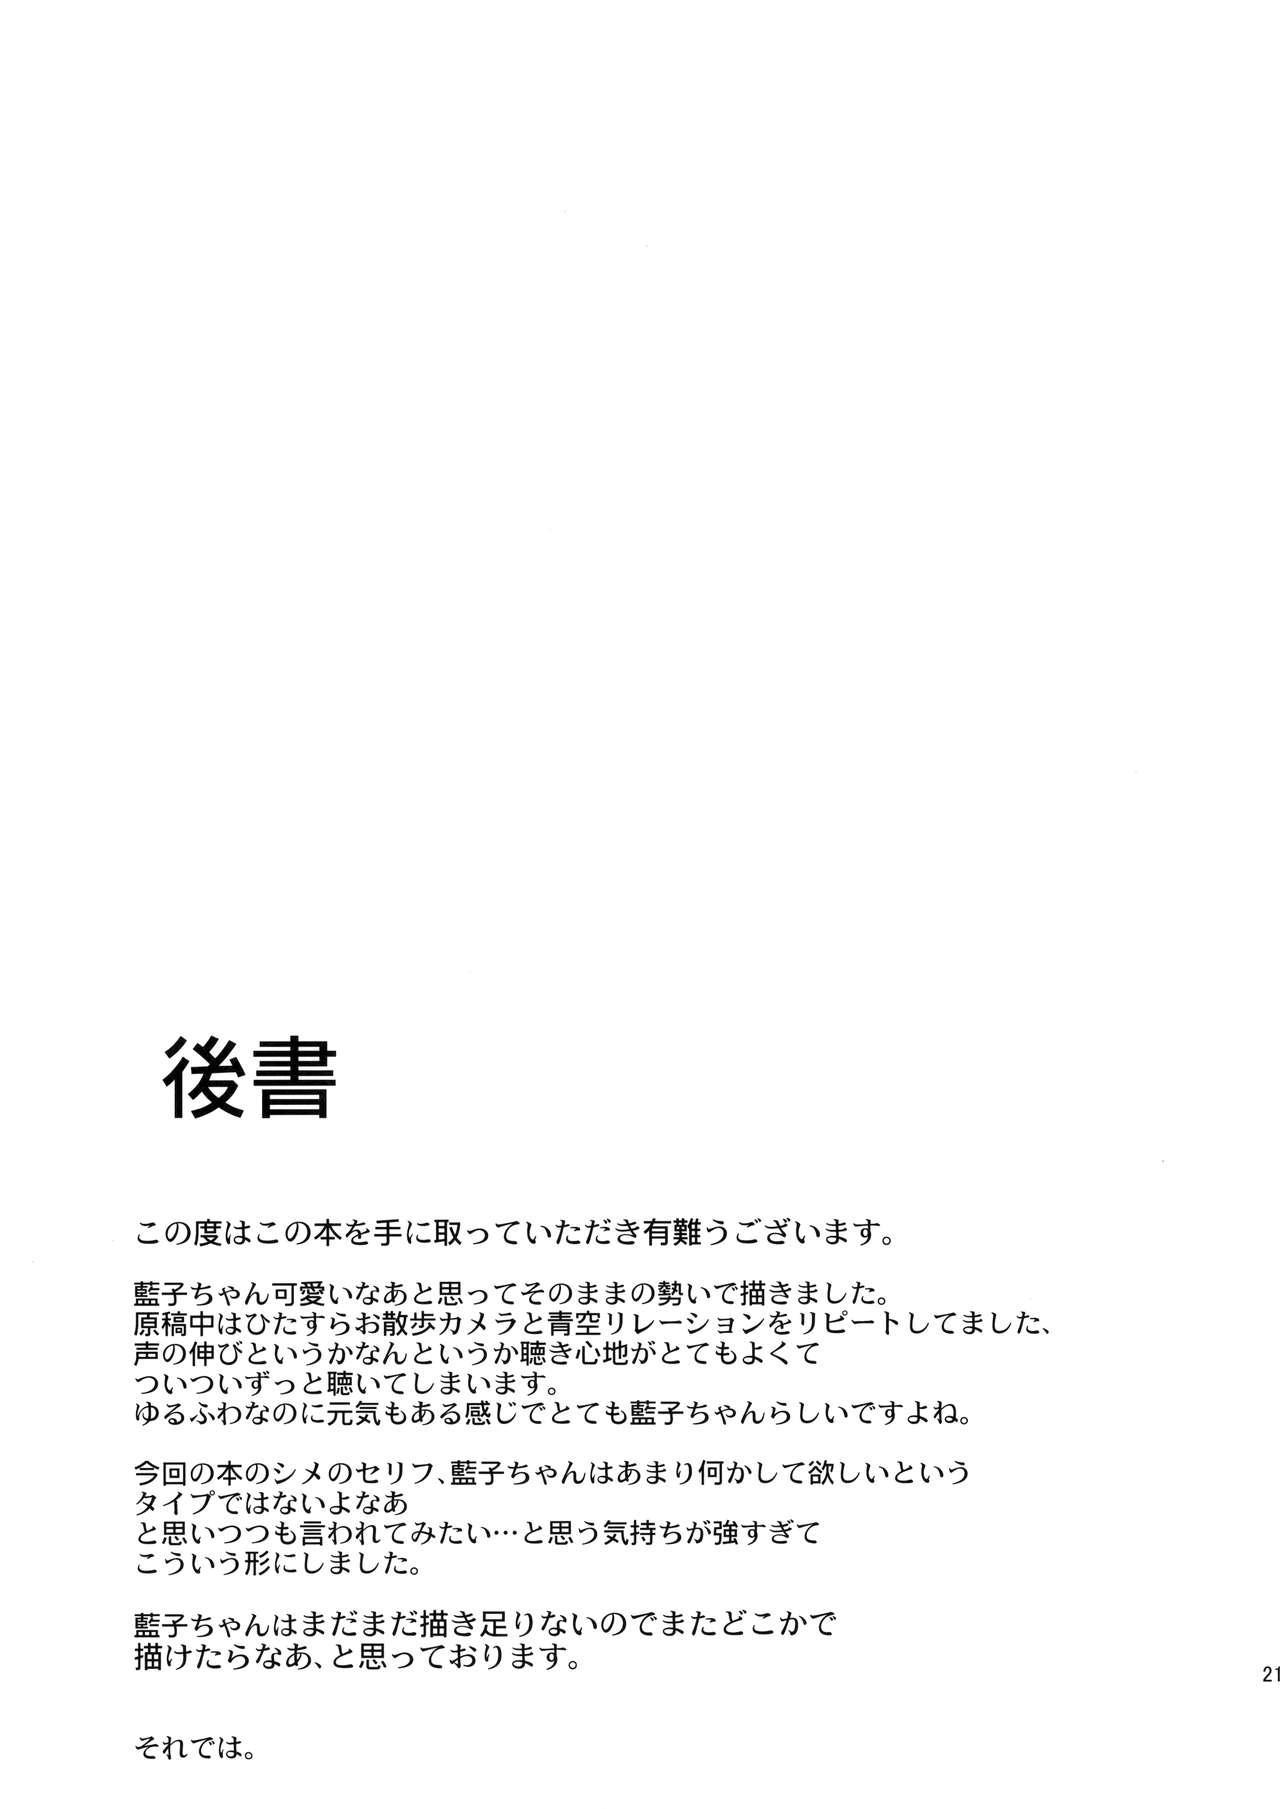 (C91) [Garimpeiro (Mame Denkyuu)] Koibito (Kari) Hajimemashita (THE IDOLM@STER CINDERELLA GIRLS) 19